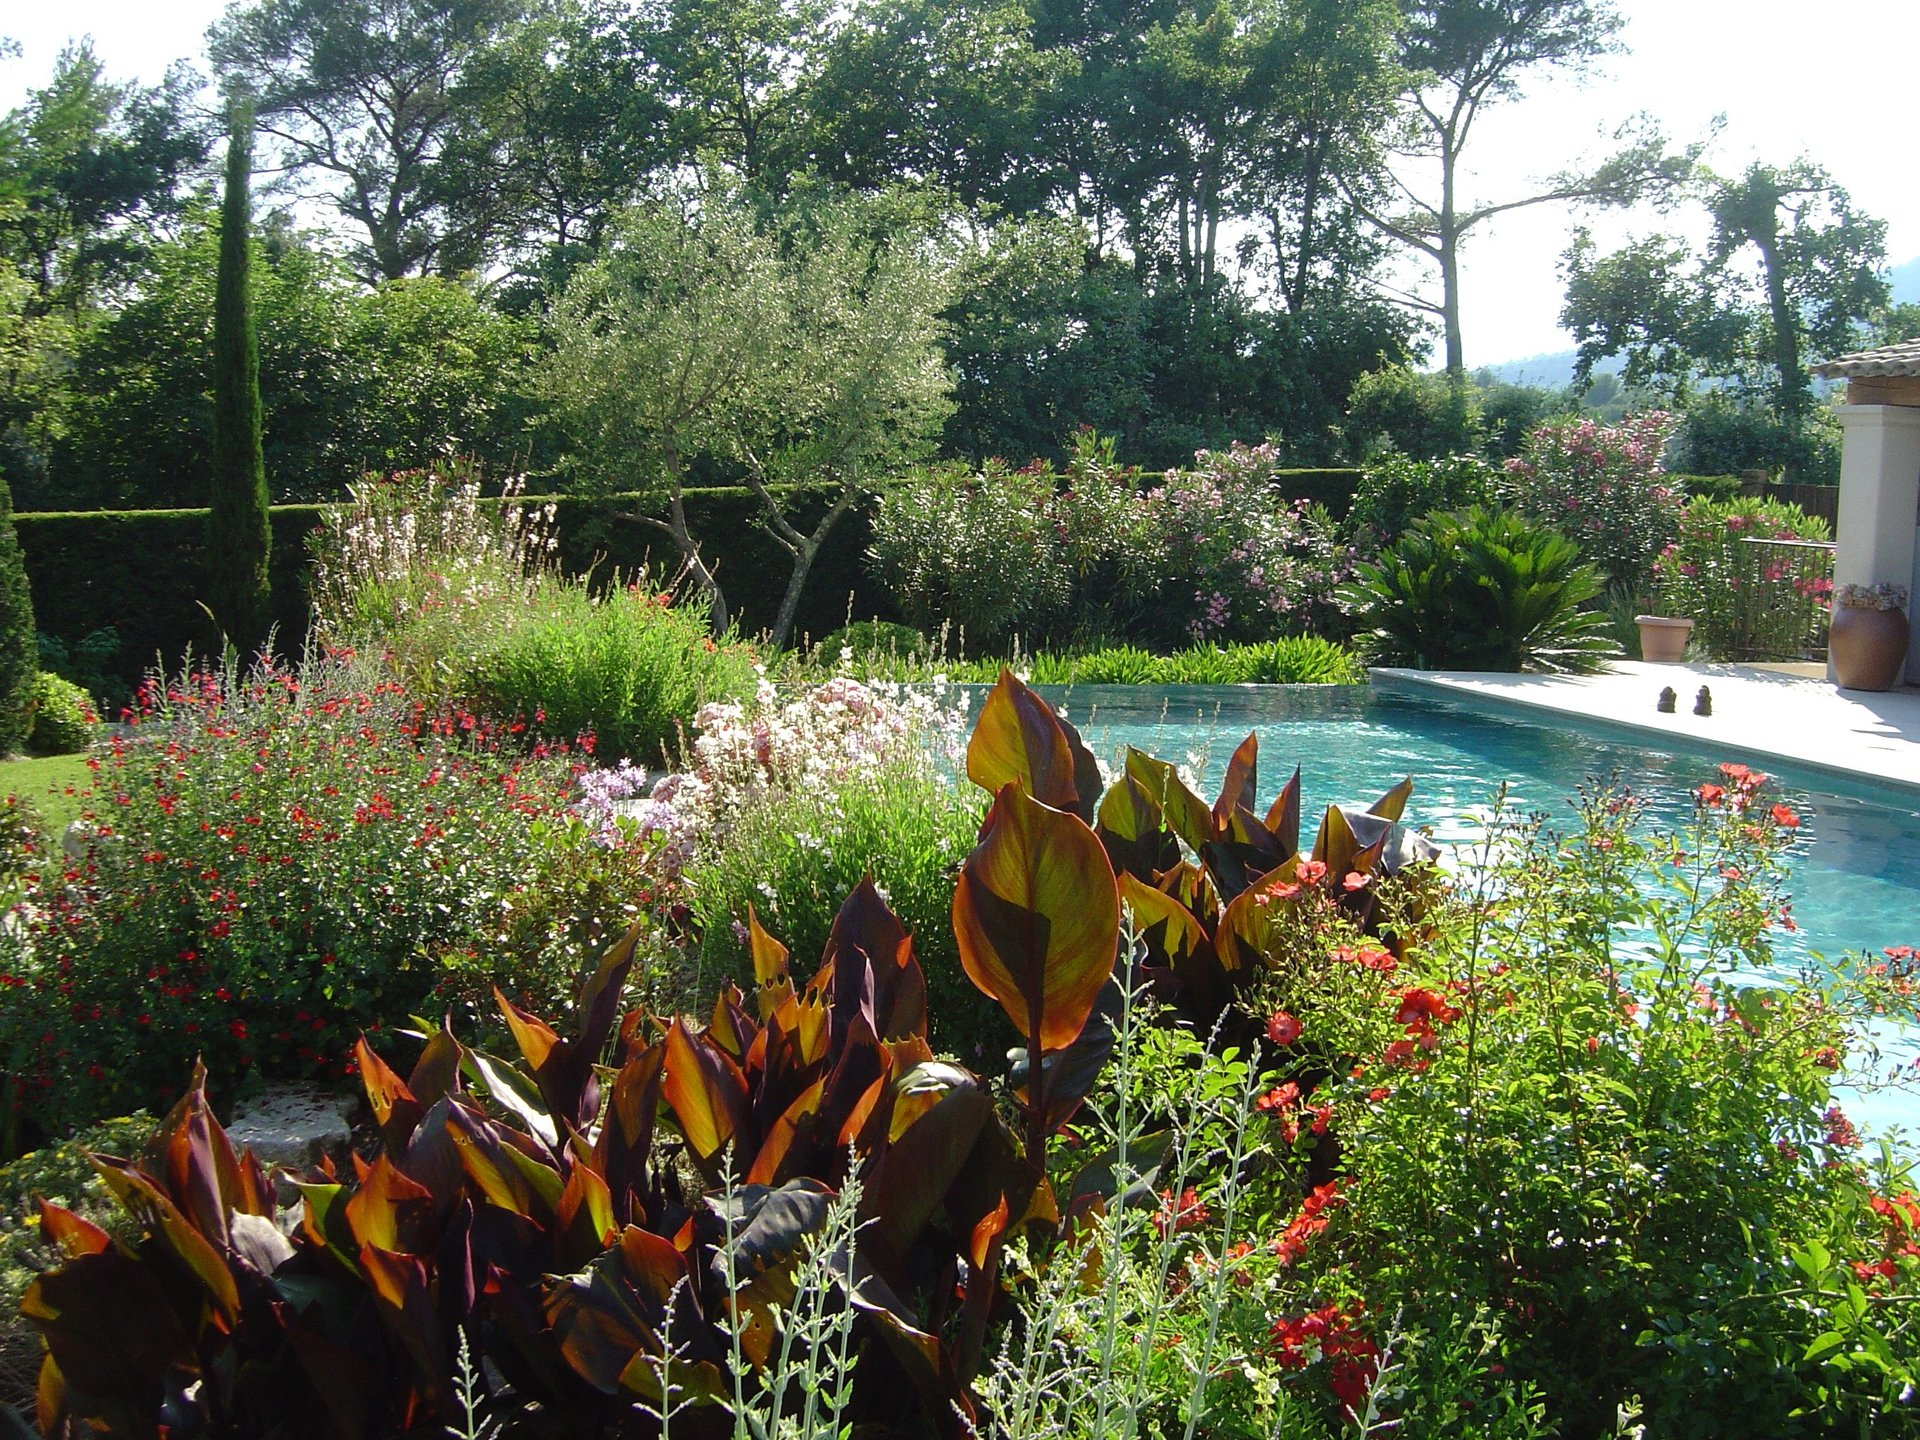 Delta paysage entreprise de jardin sp cialiste de l for Entreprise entretien jardin 974